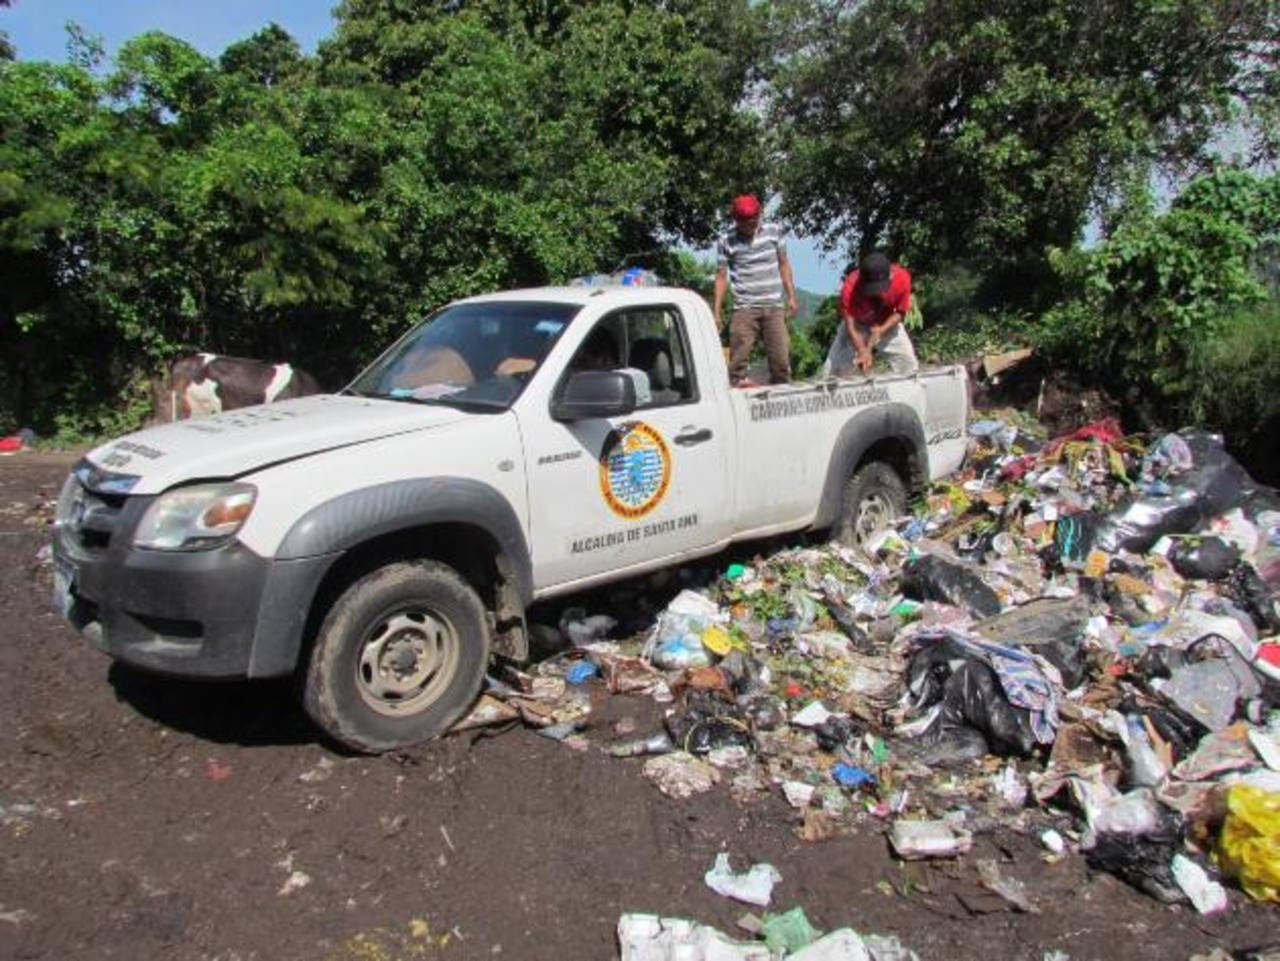 La alcaldía podría contratar más vehículos este día para la recolección de basura, en caso que los huelguistas continúen la paralización de labores. Foto EDH / MAURICIO GUEVARA